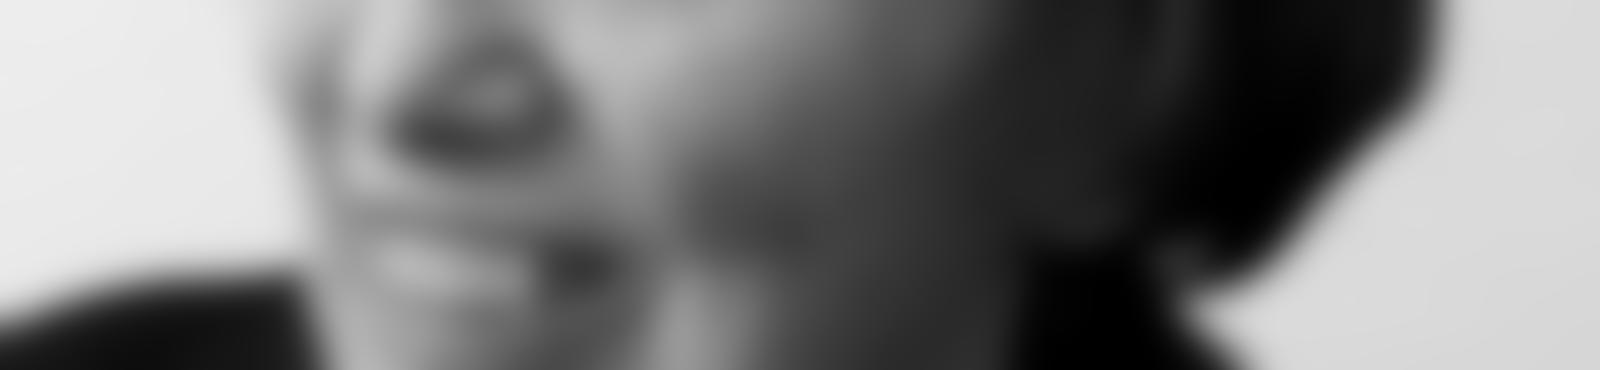 Blurred 05c05e69 7c14 4162 96a0 0d8c70533d1f